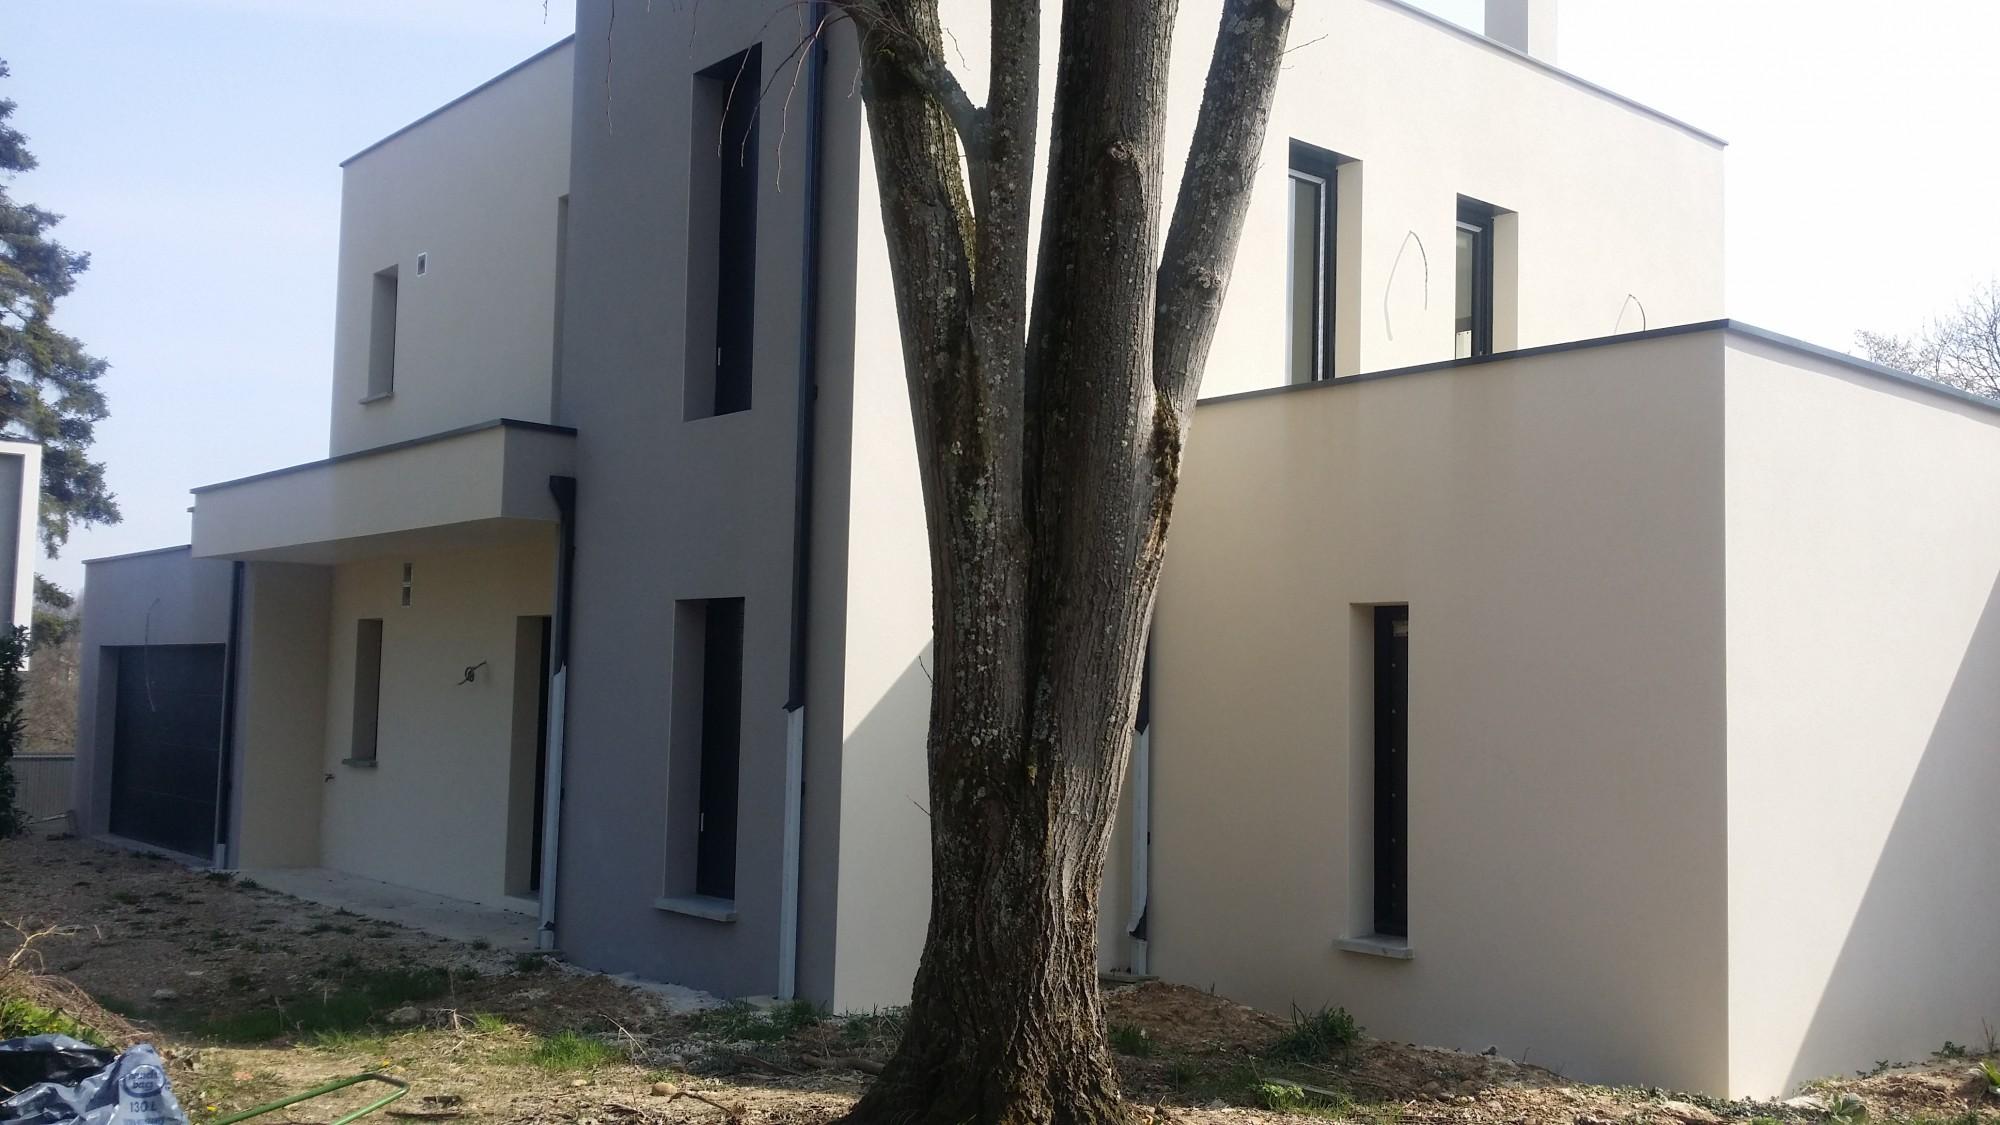 élégante et compacte maison contemporaine concept creation